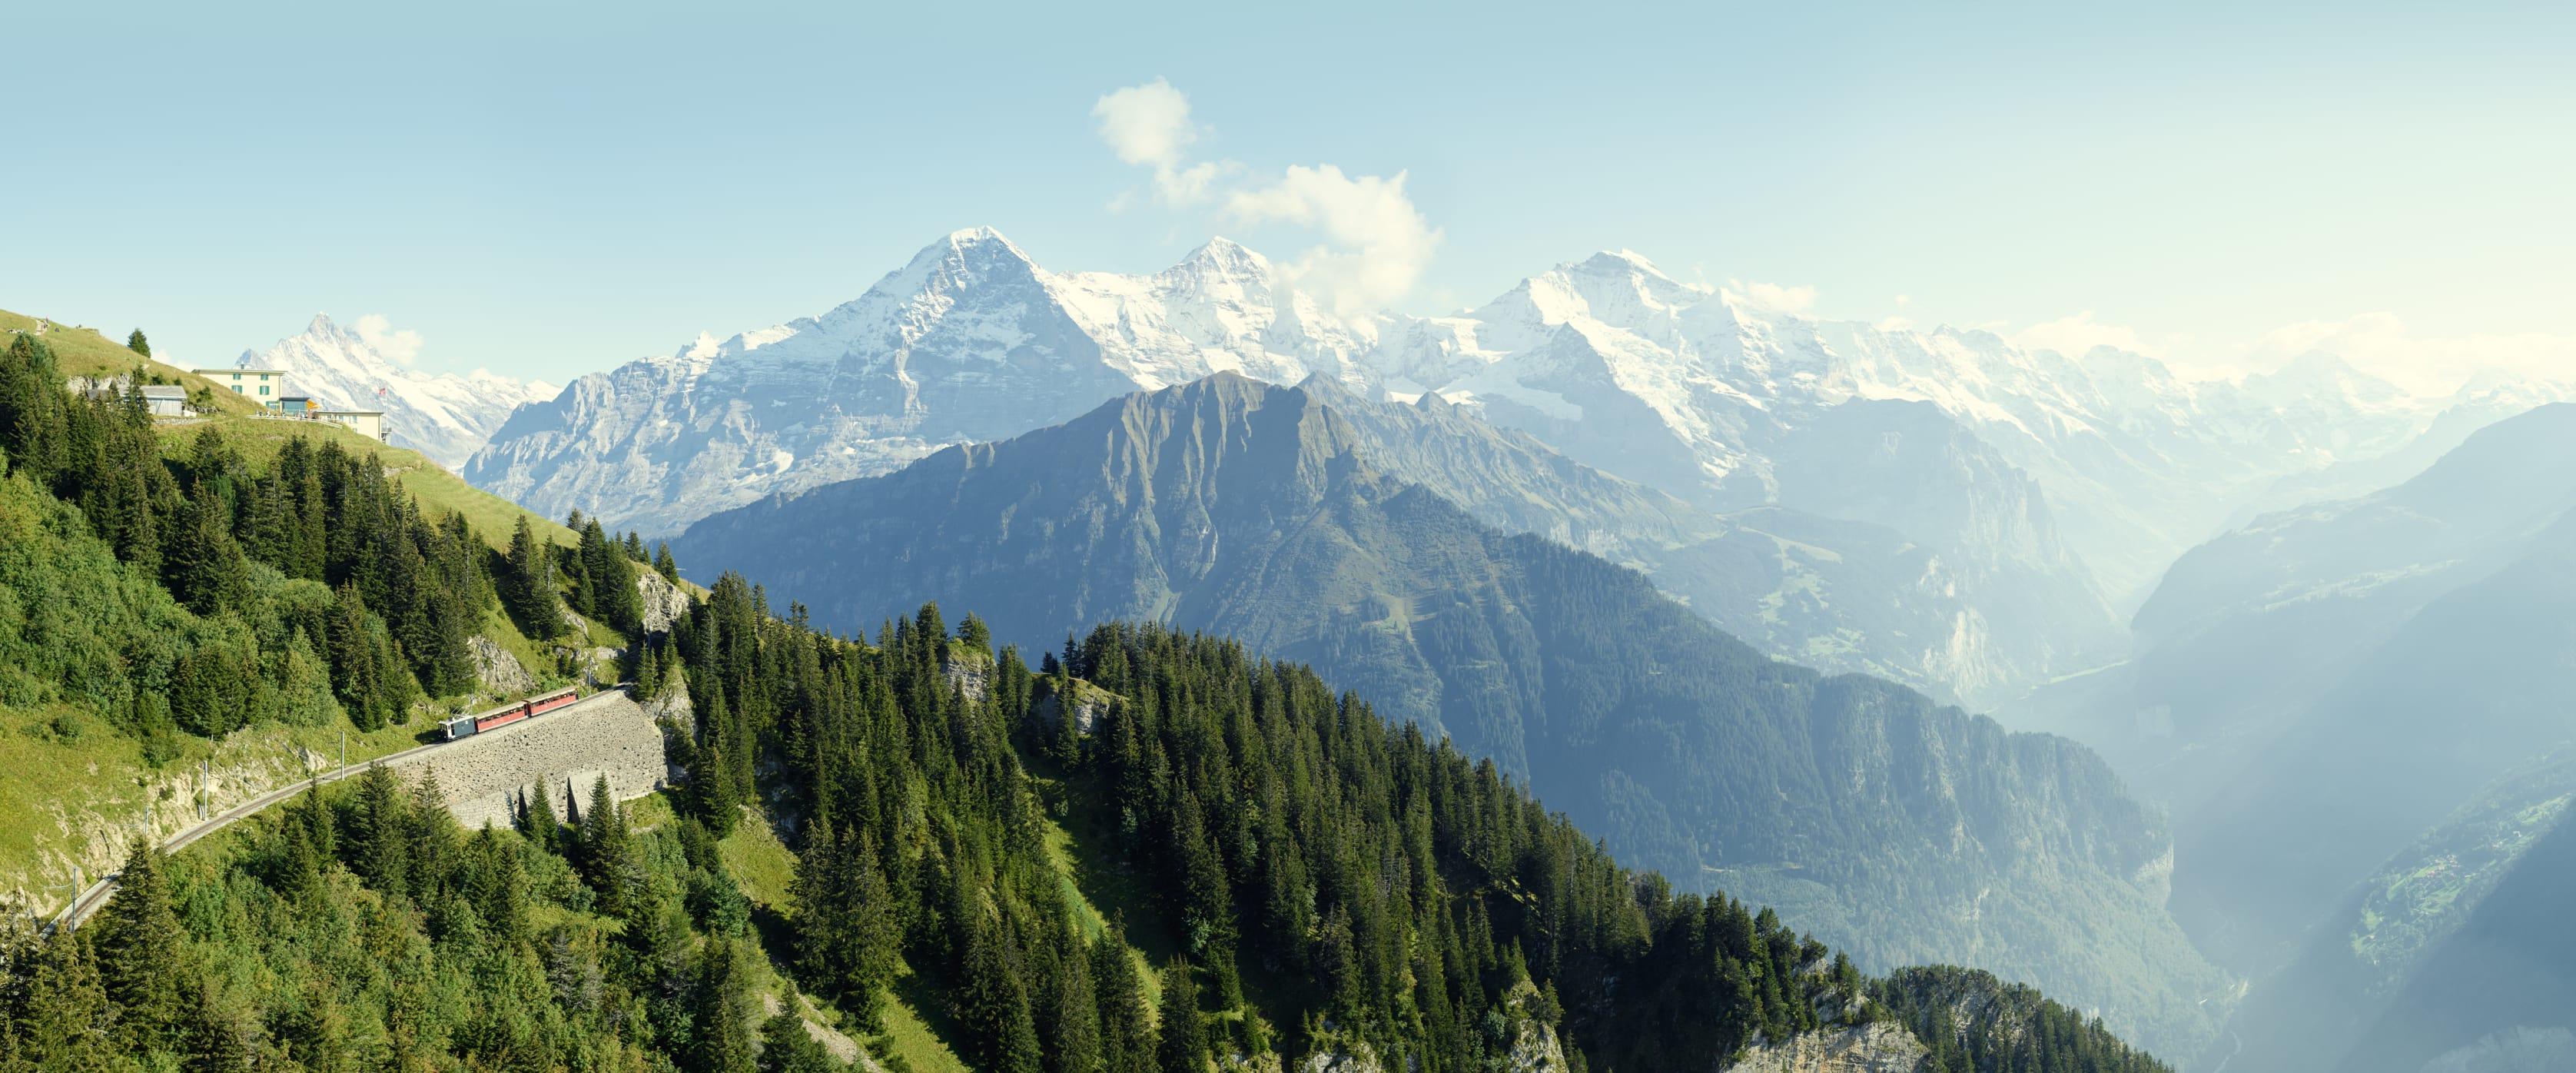 Schynige Platte Bergbahn Eigernordwand Moench